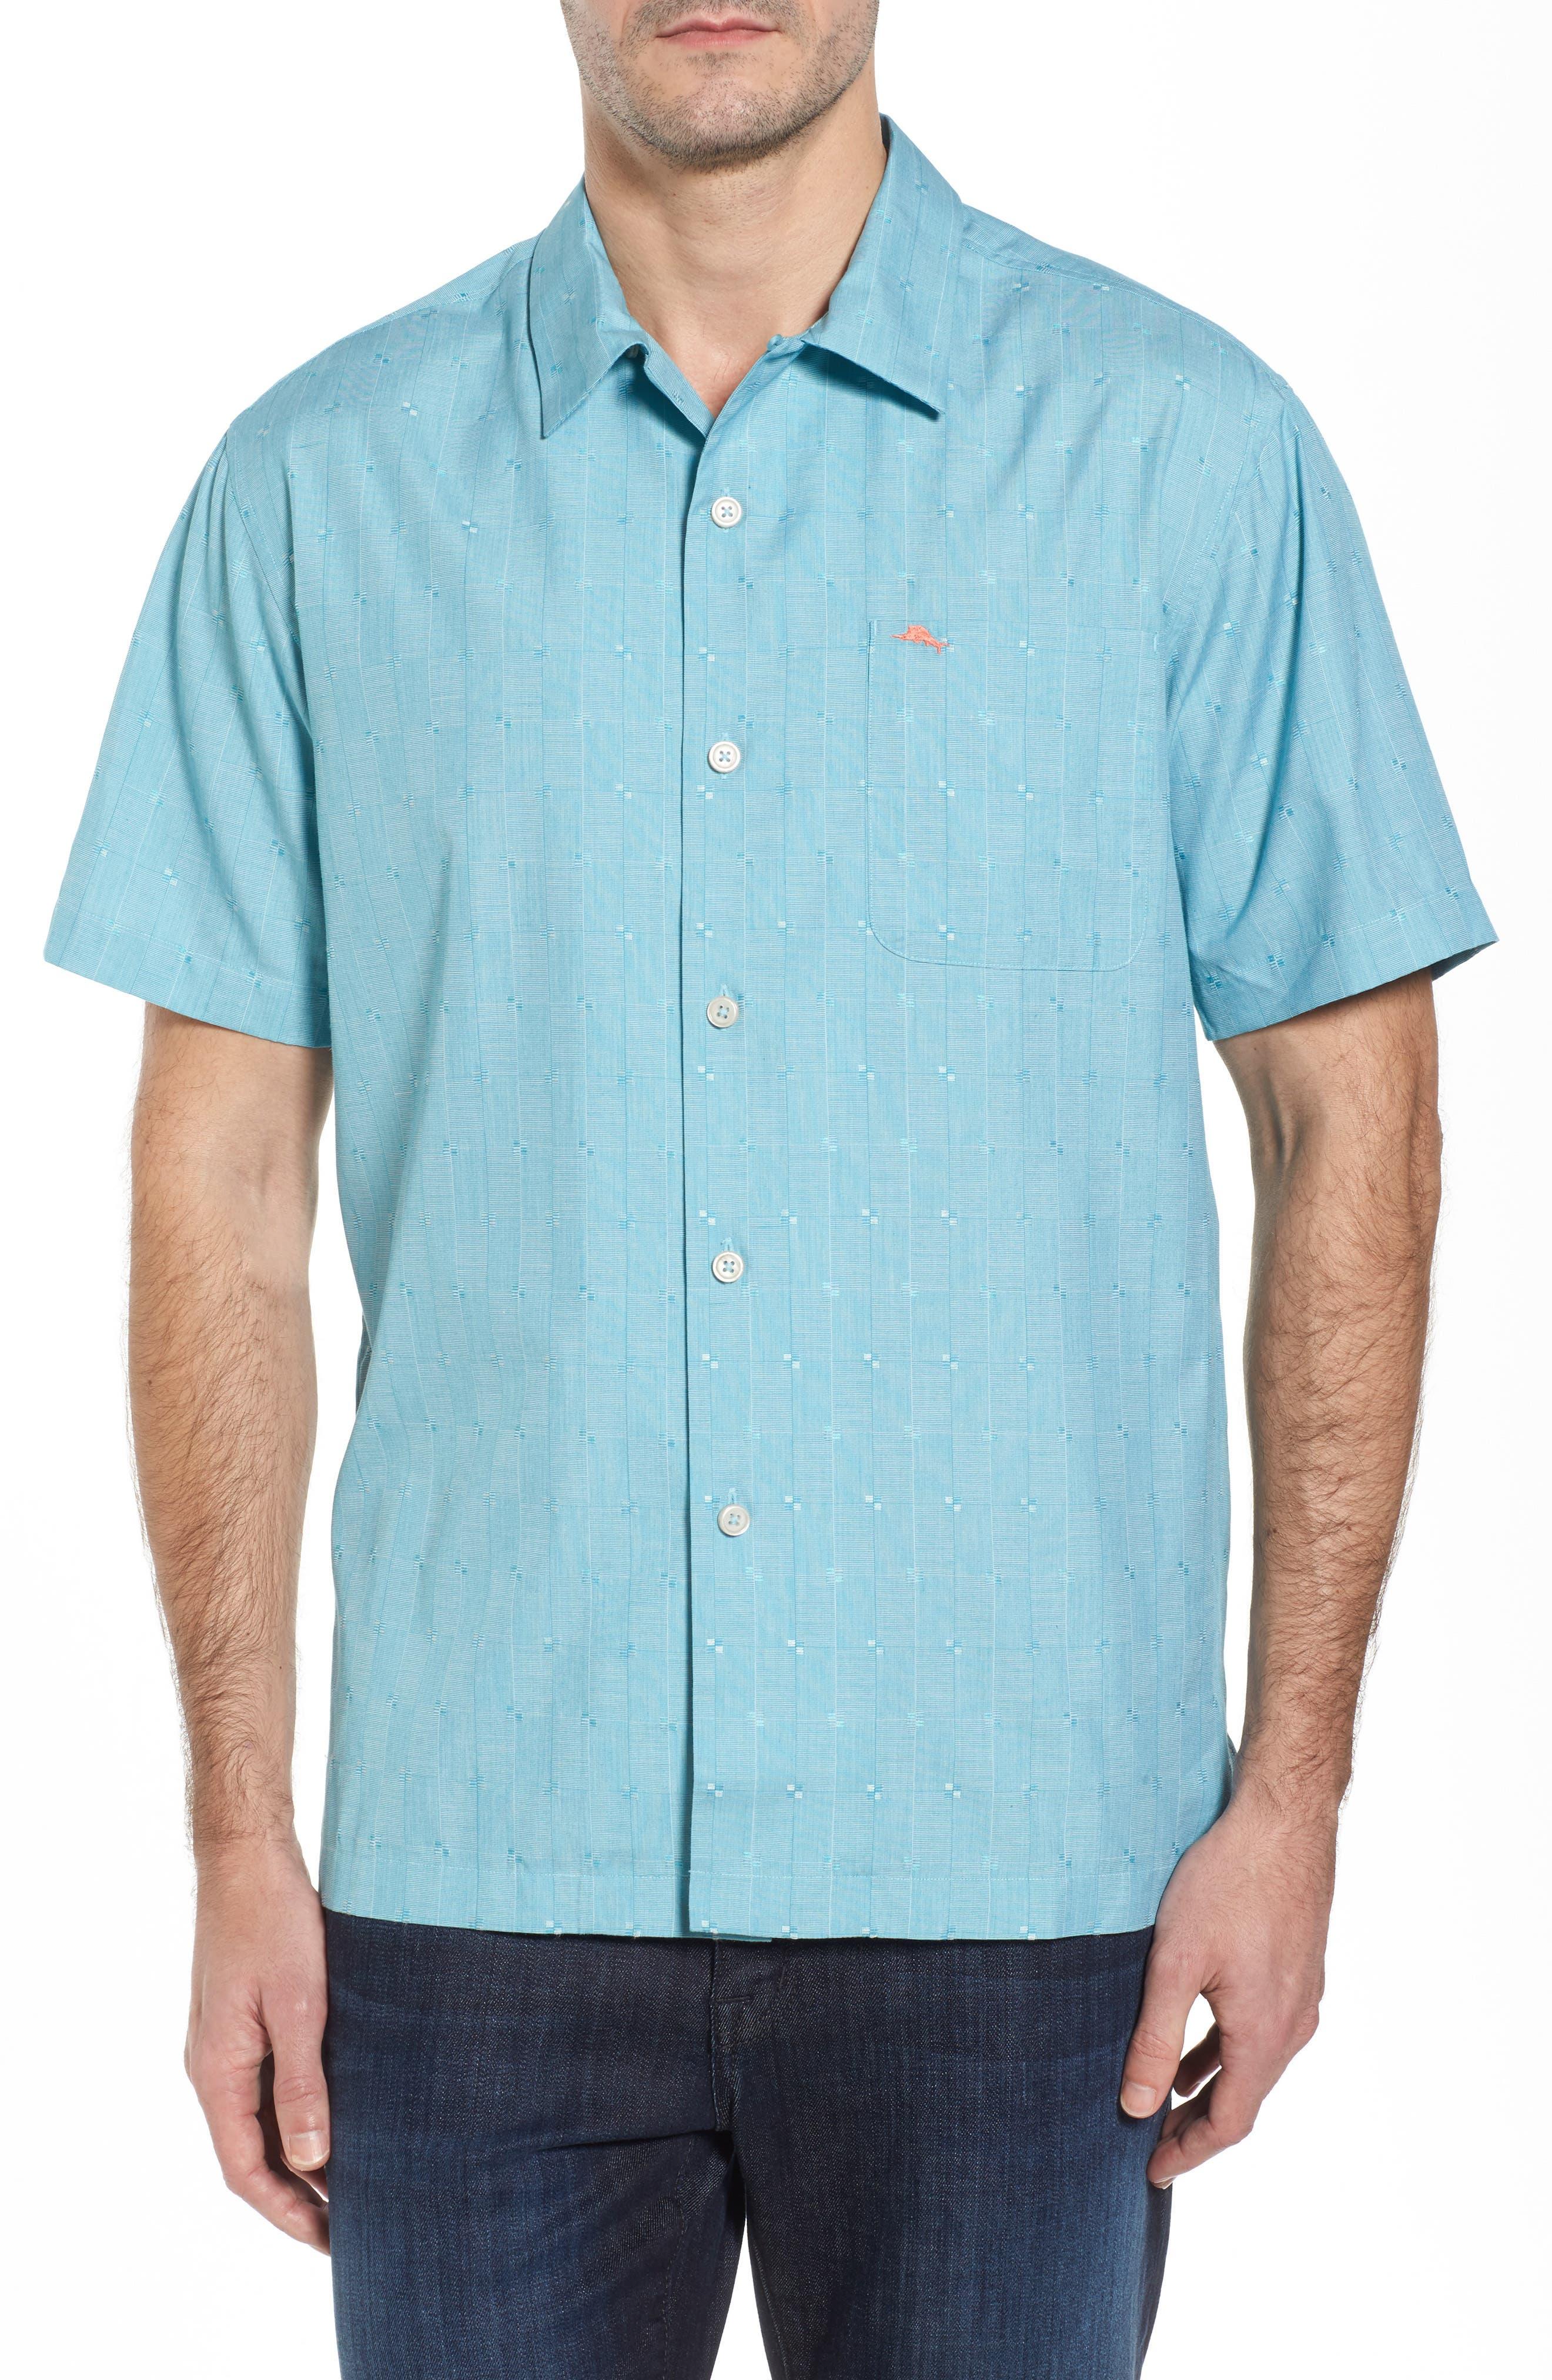 Cypress Sands Camp Shirt,                             Main thumbnail 1, color,